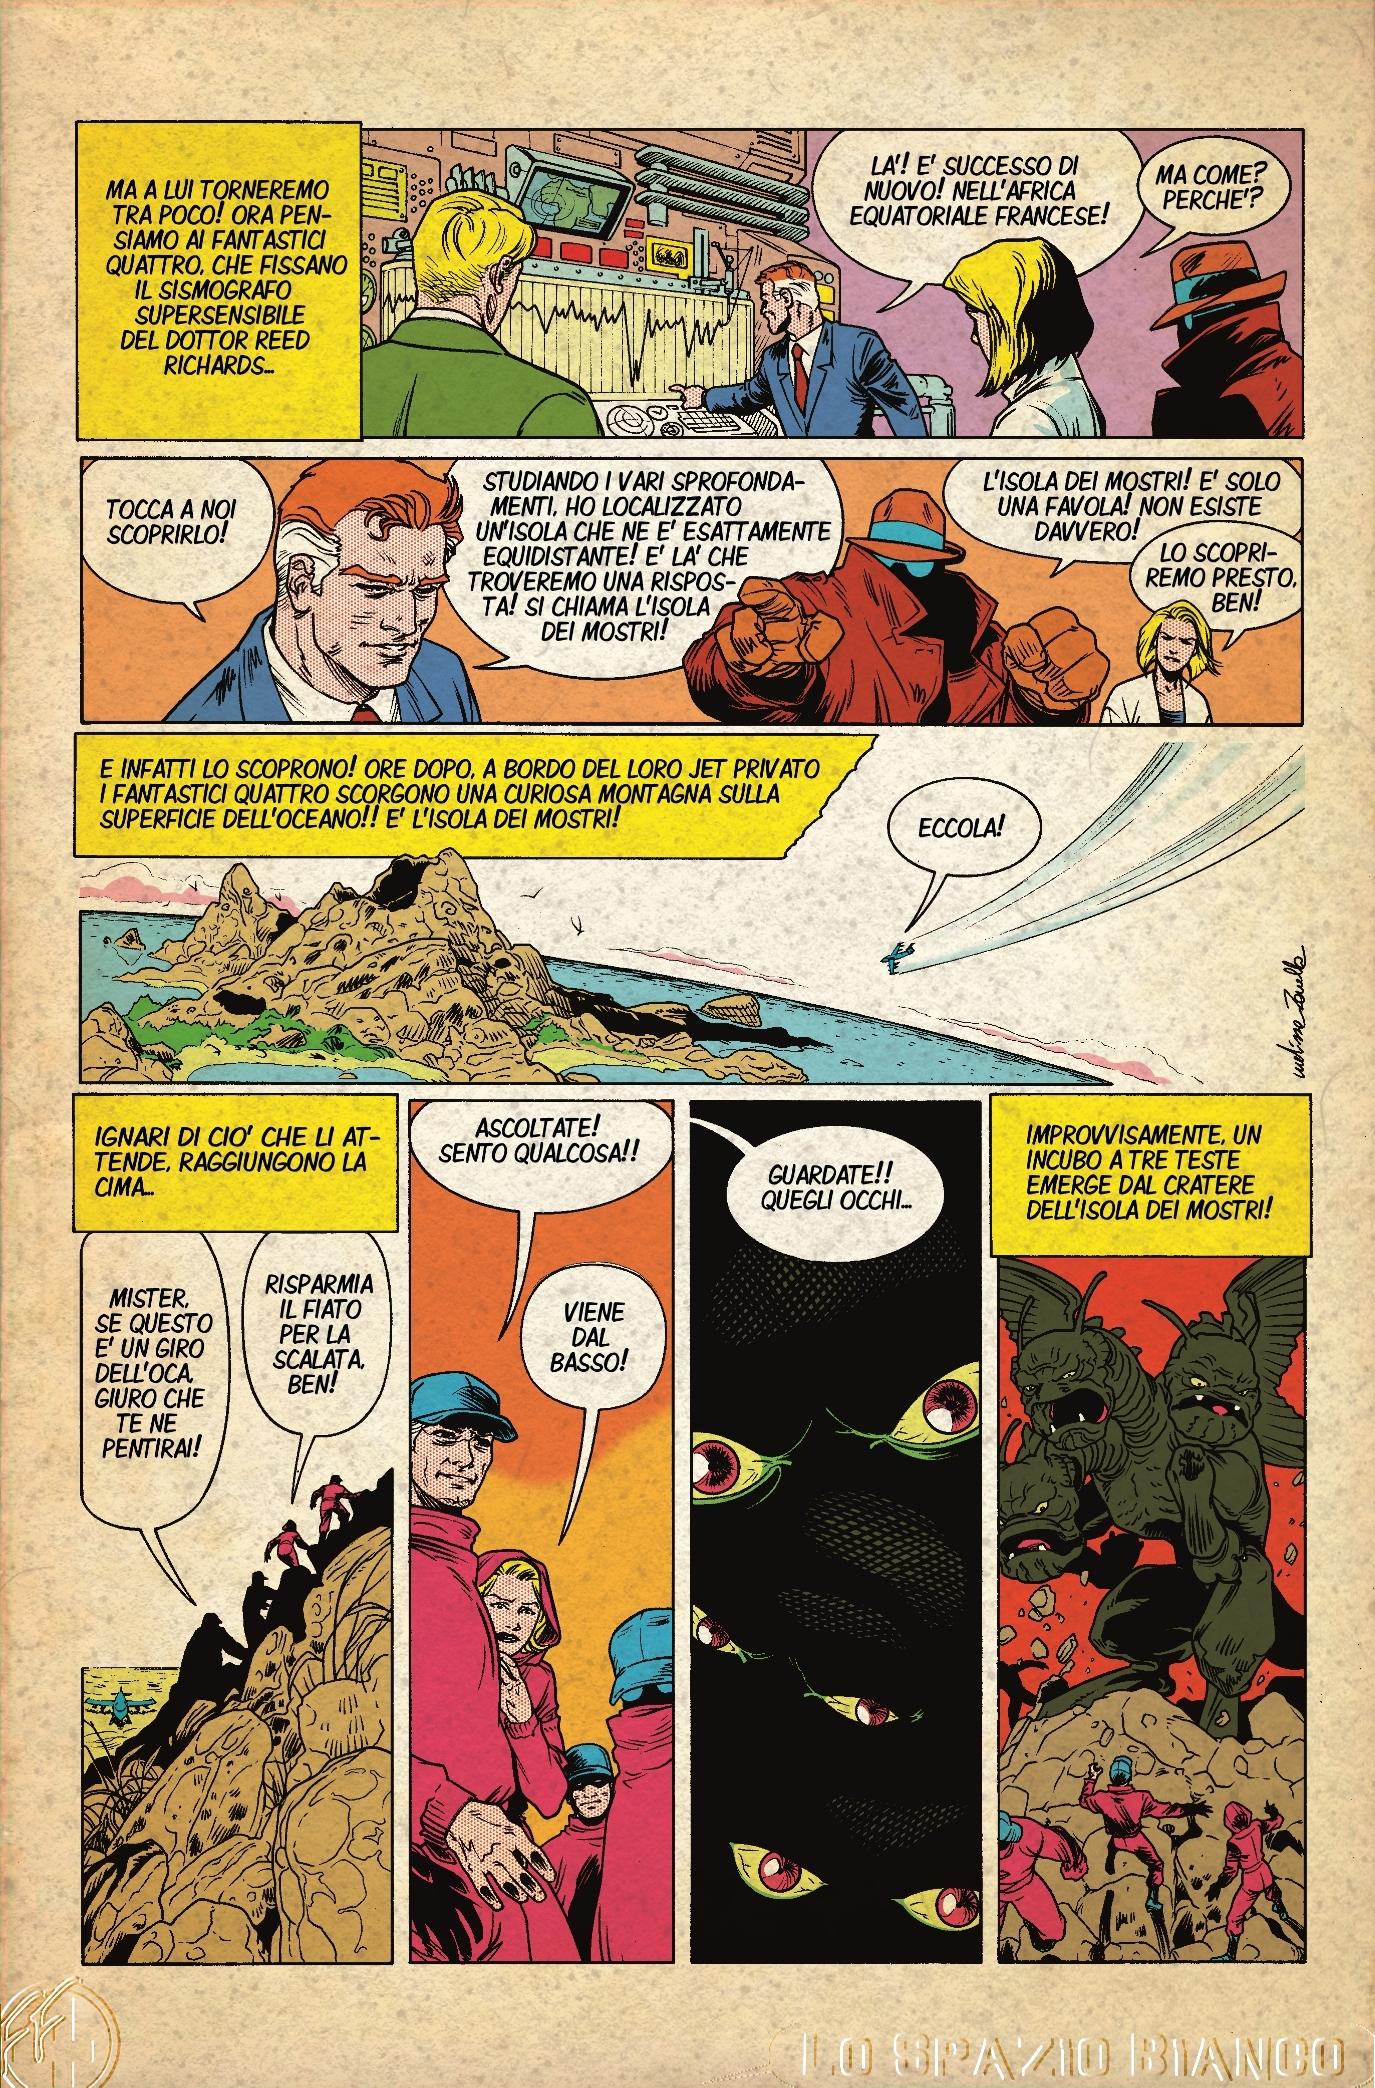 pagina 17 sovraimpressione